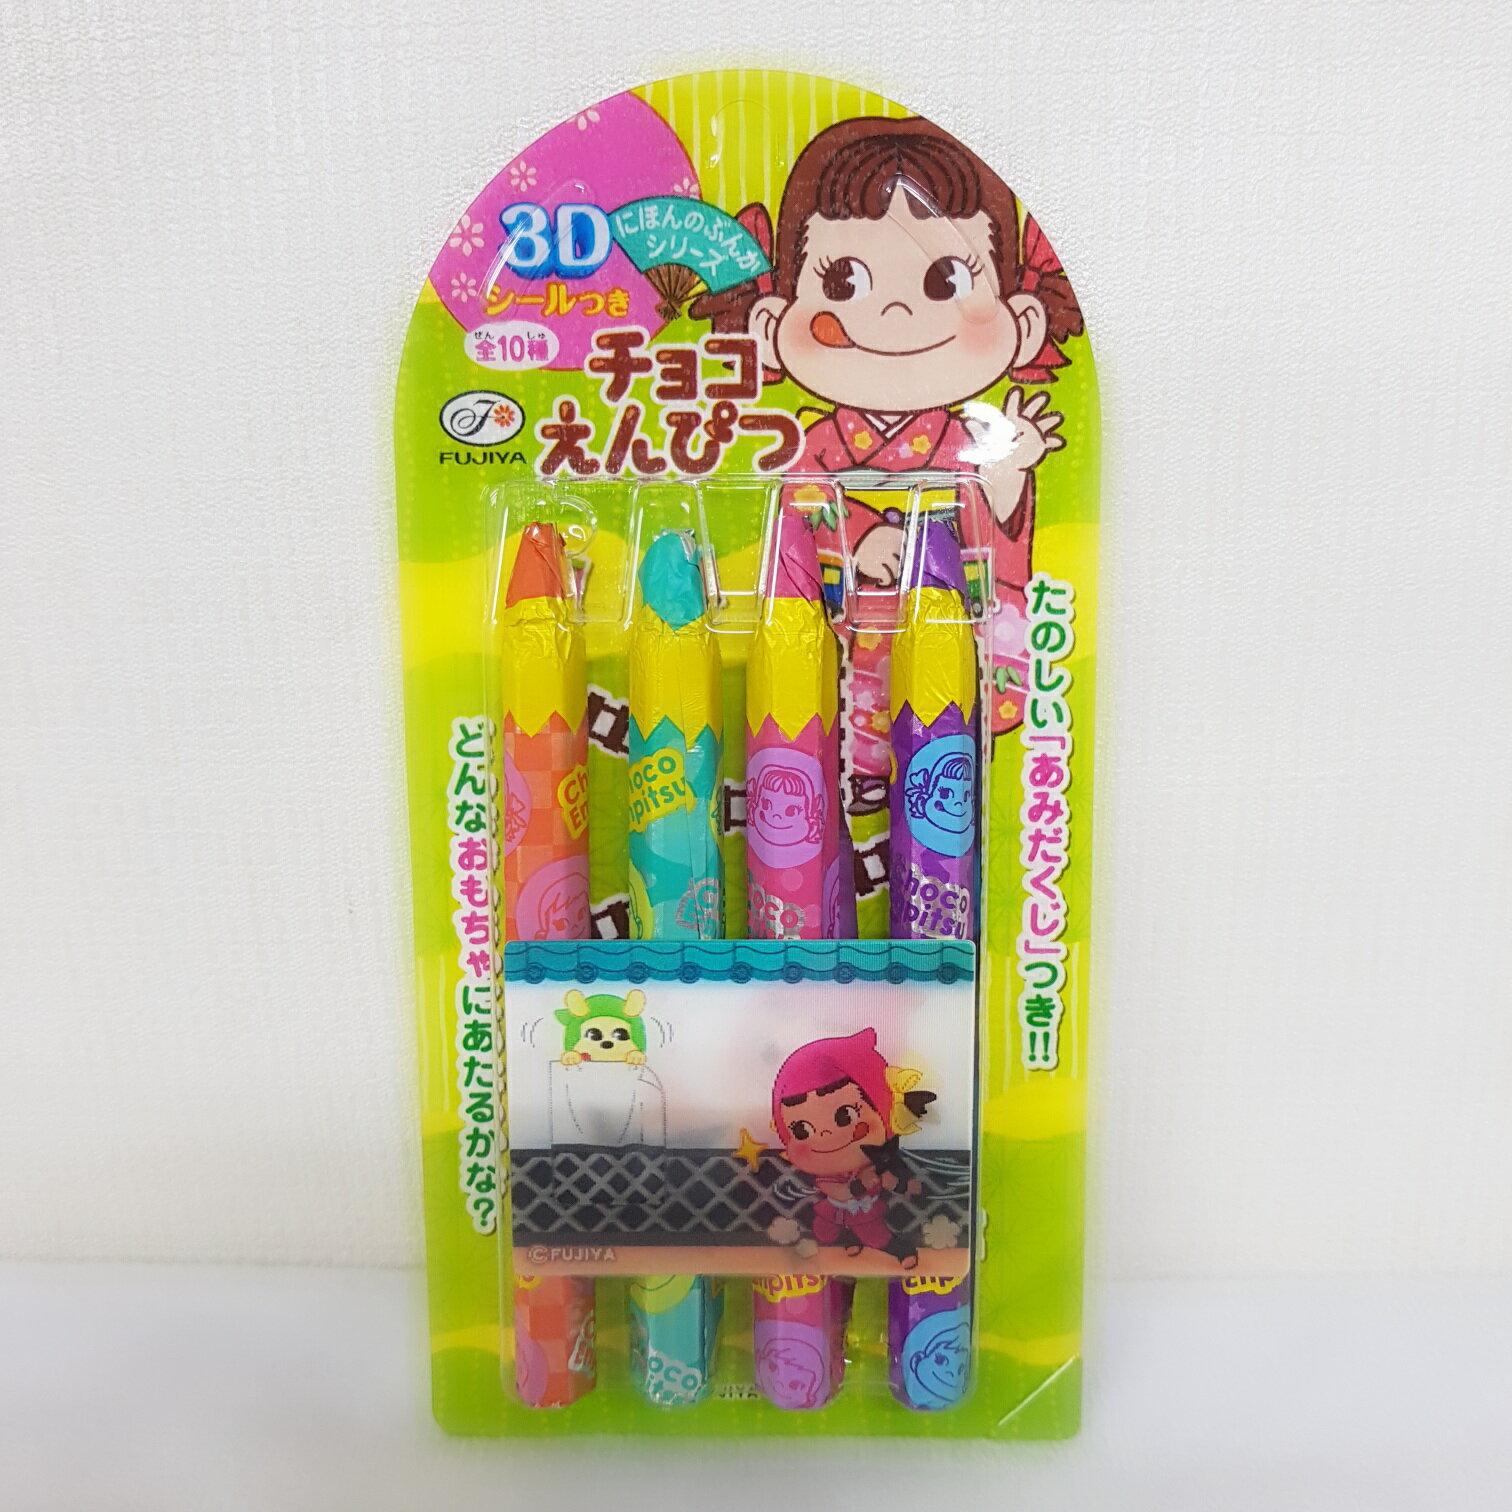 不二家3D巧克力鉛筆-27g盒(隨機出貨)